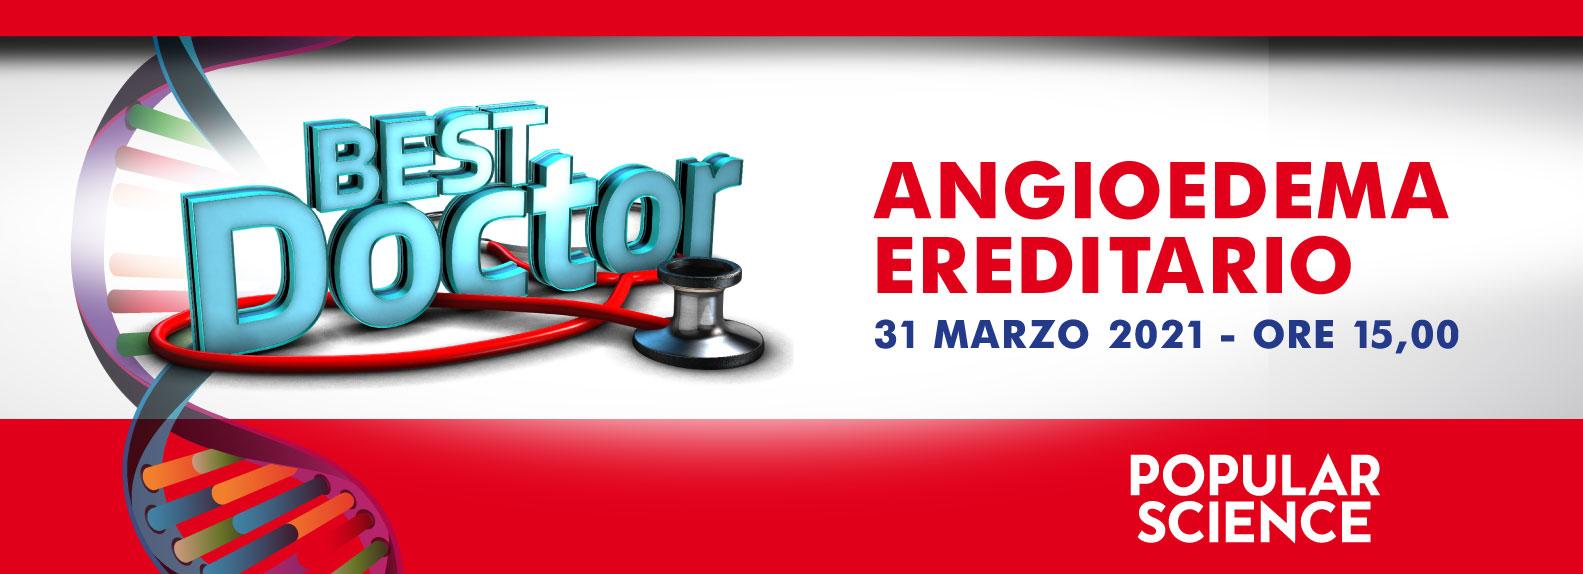 Angiodema-Ereditario